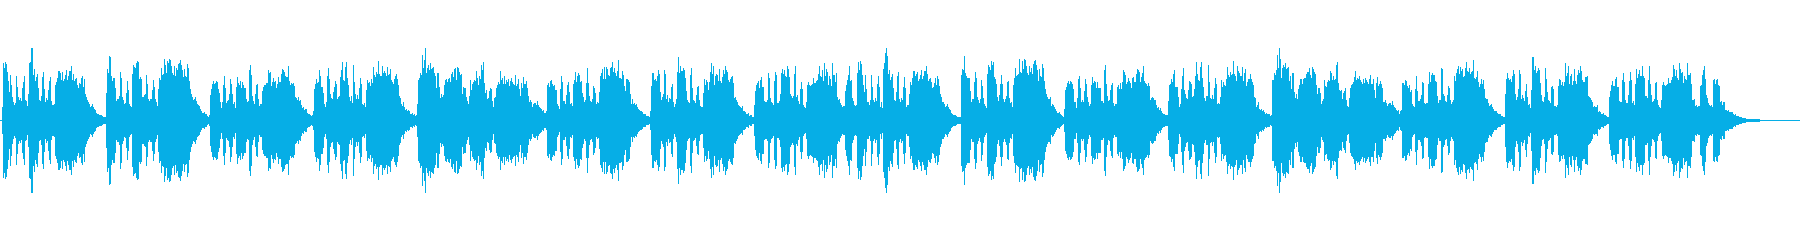 ニャンコ達の再生済みの波形